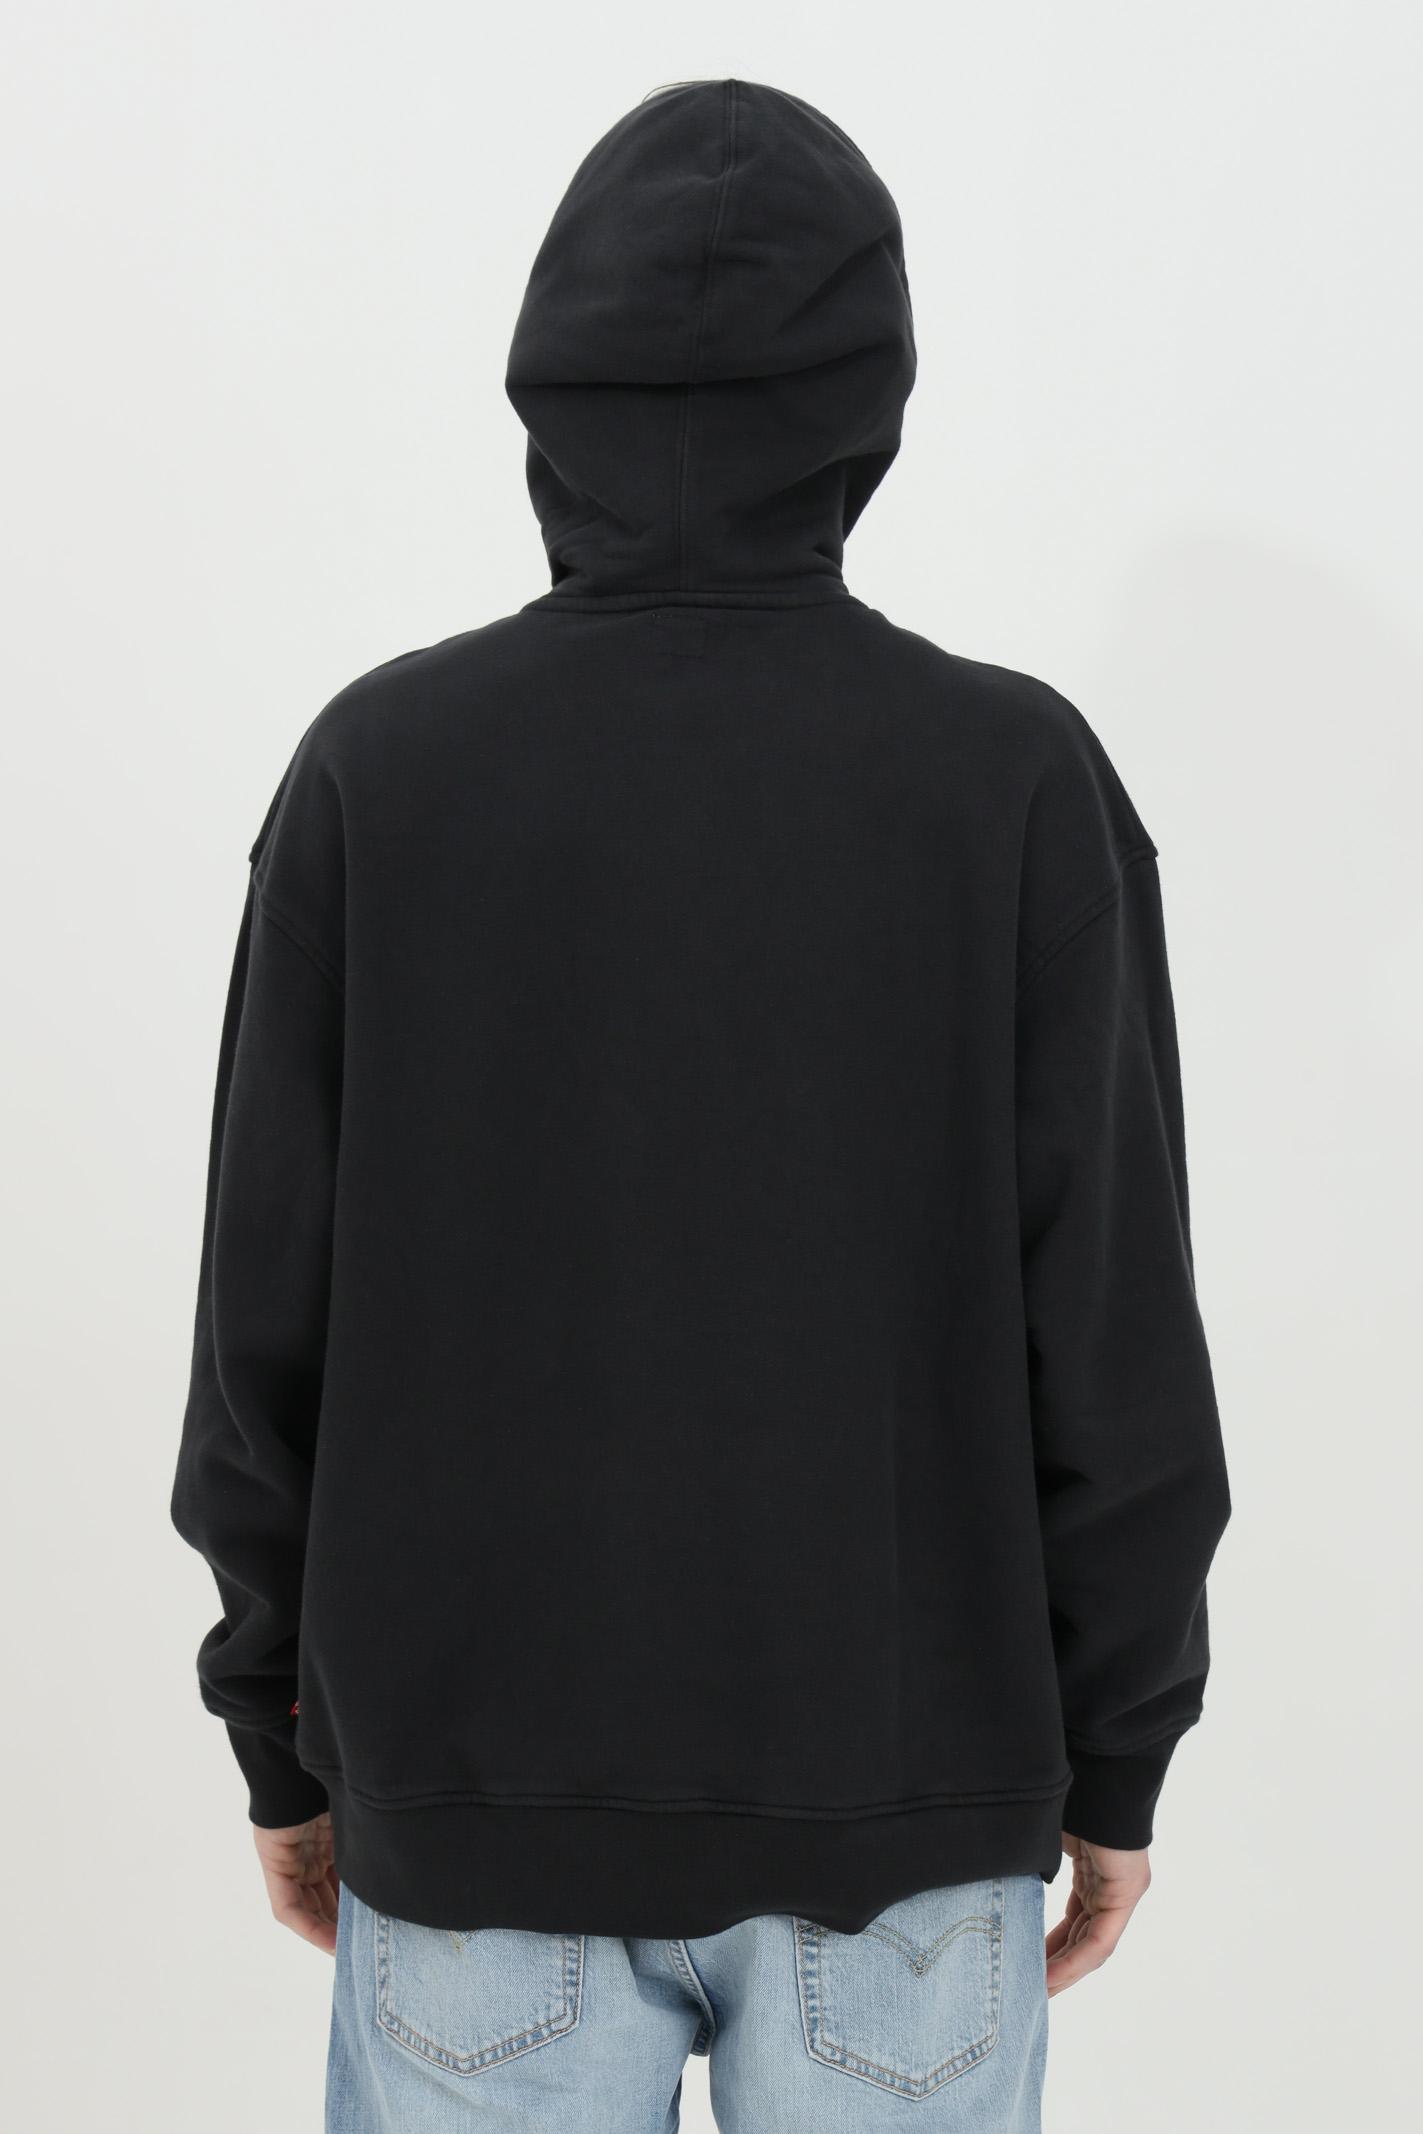 Felpa uomo nero levi's con cappuccio e lacci e stampa logo frontale. Modello relax fit in tinta unita. Fondo e polsini elastici con costine LEVI'S | Felpe | 38479-00390039